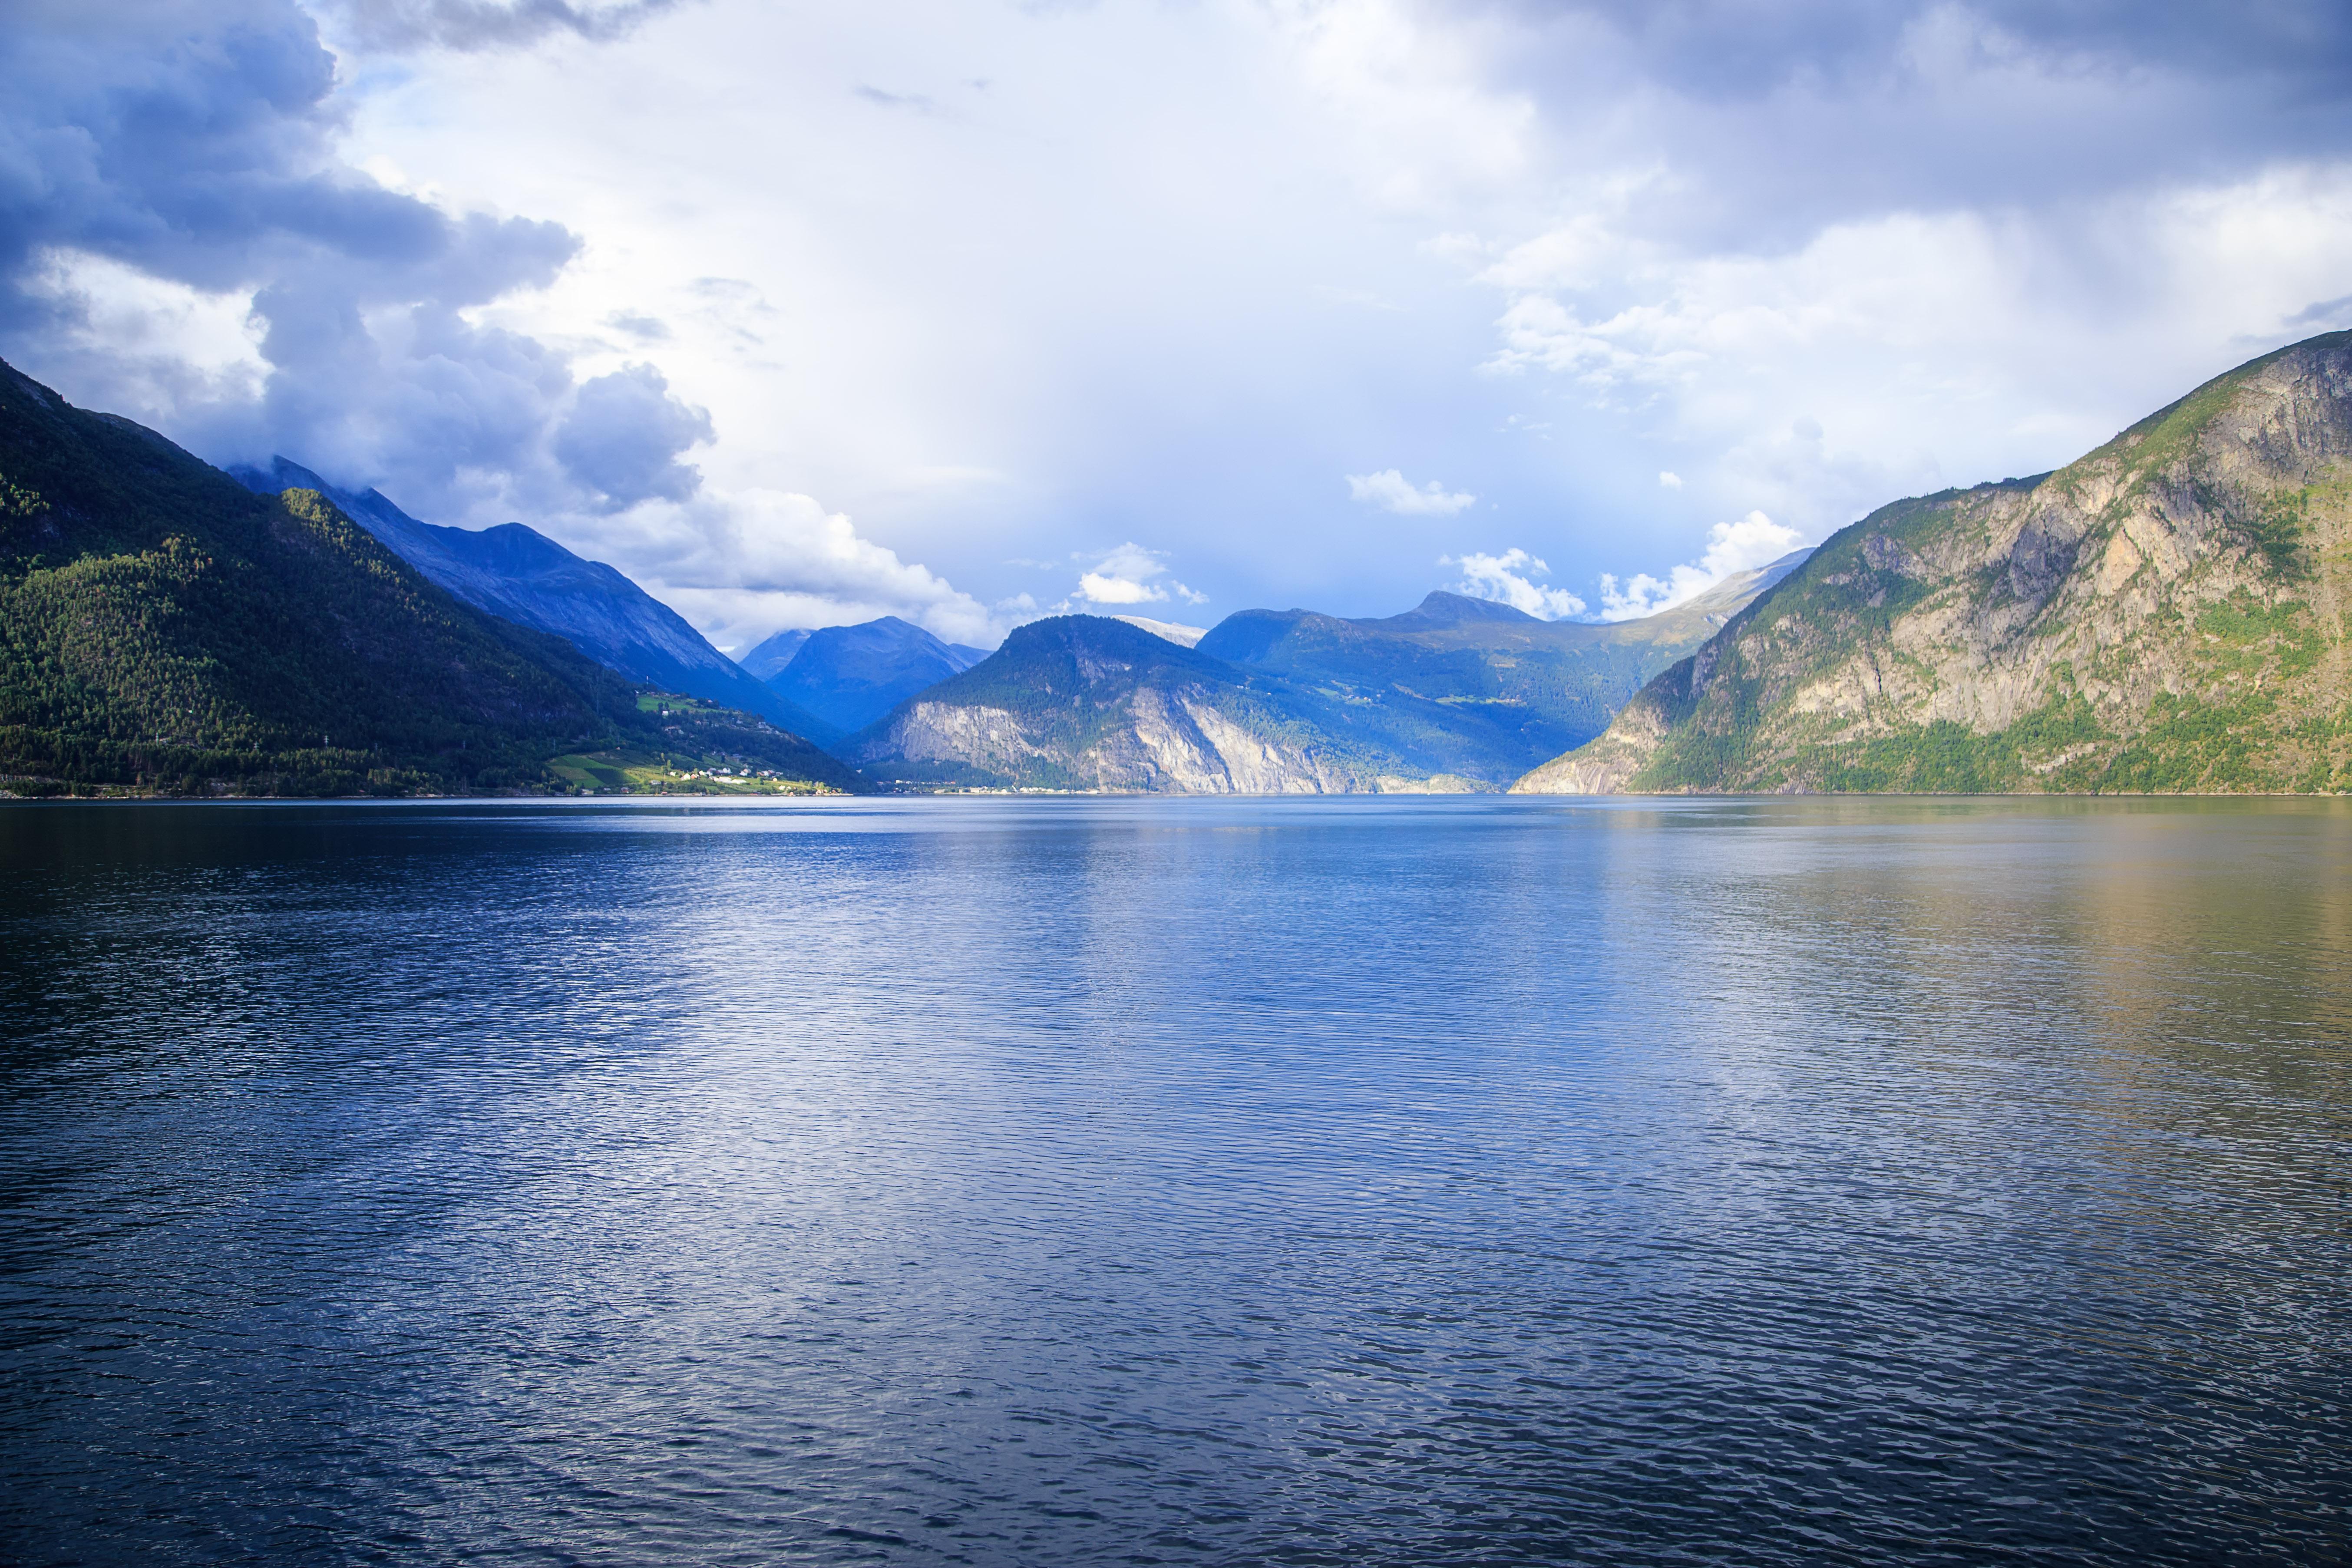 奥兰群岛旅游景点简介,旅游景点大全,图片,旅游信息